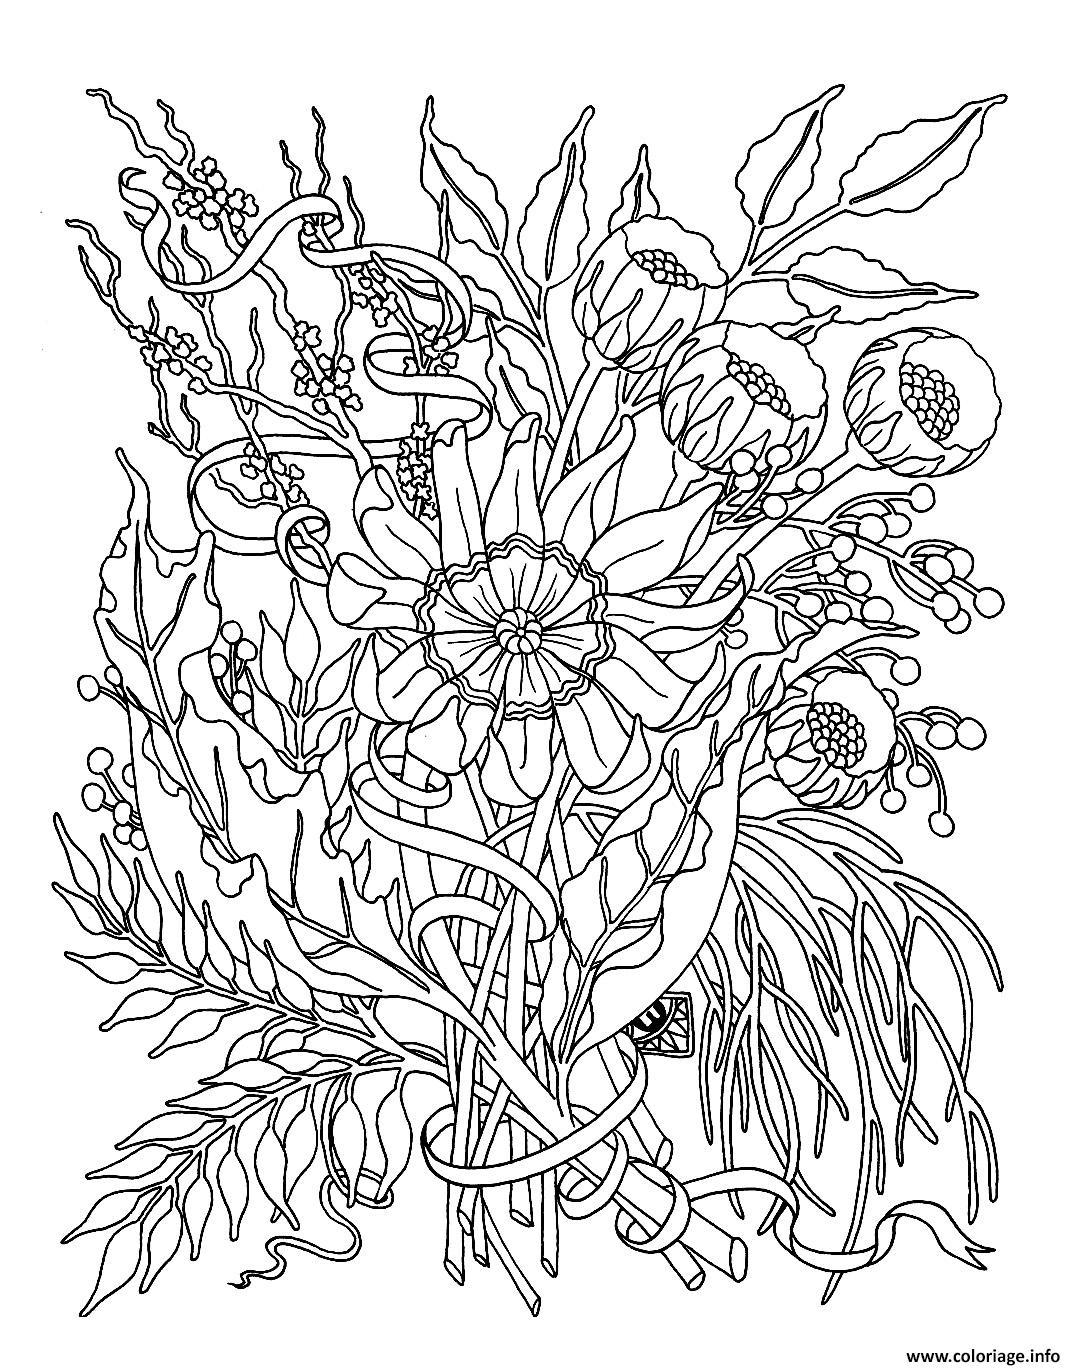 Coloriage fleurs exotiques realistes - Coloriage a imprimer fleurs exotiques ...